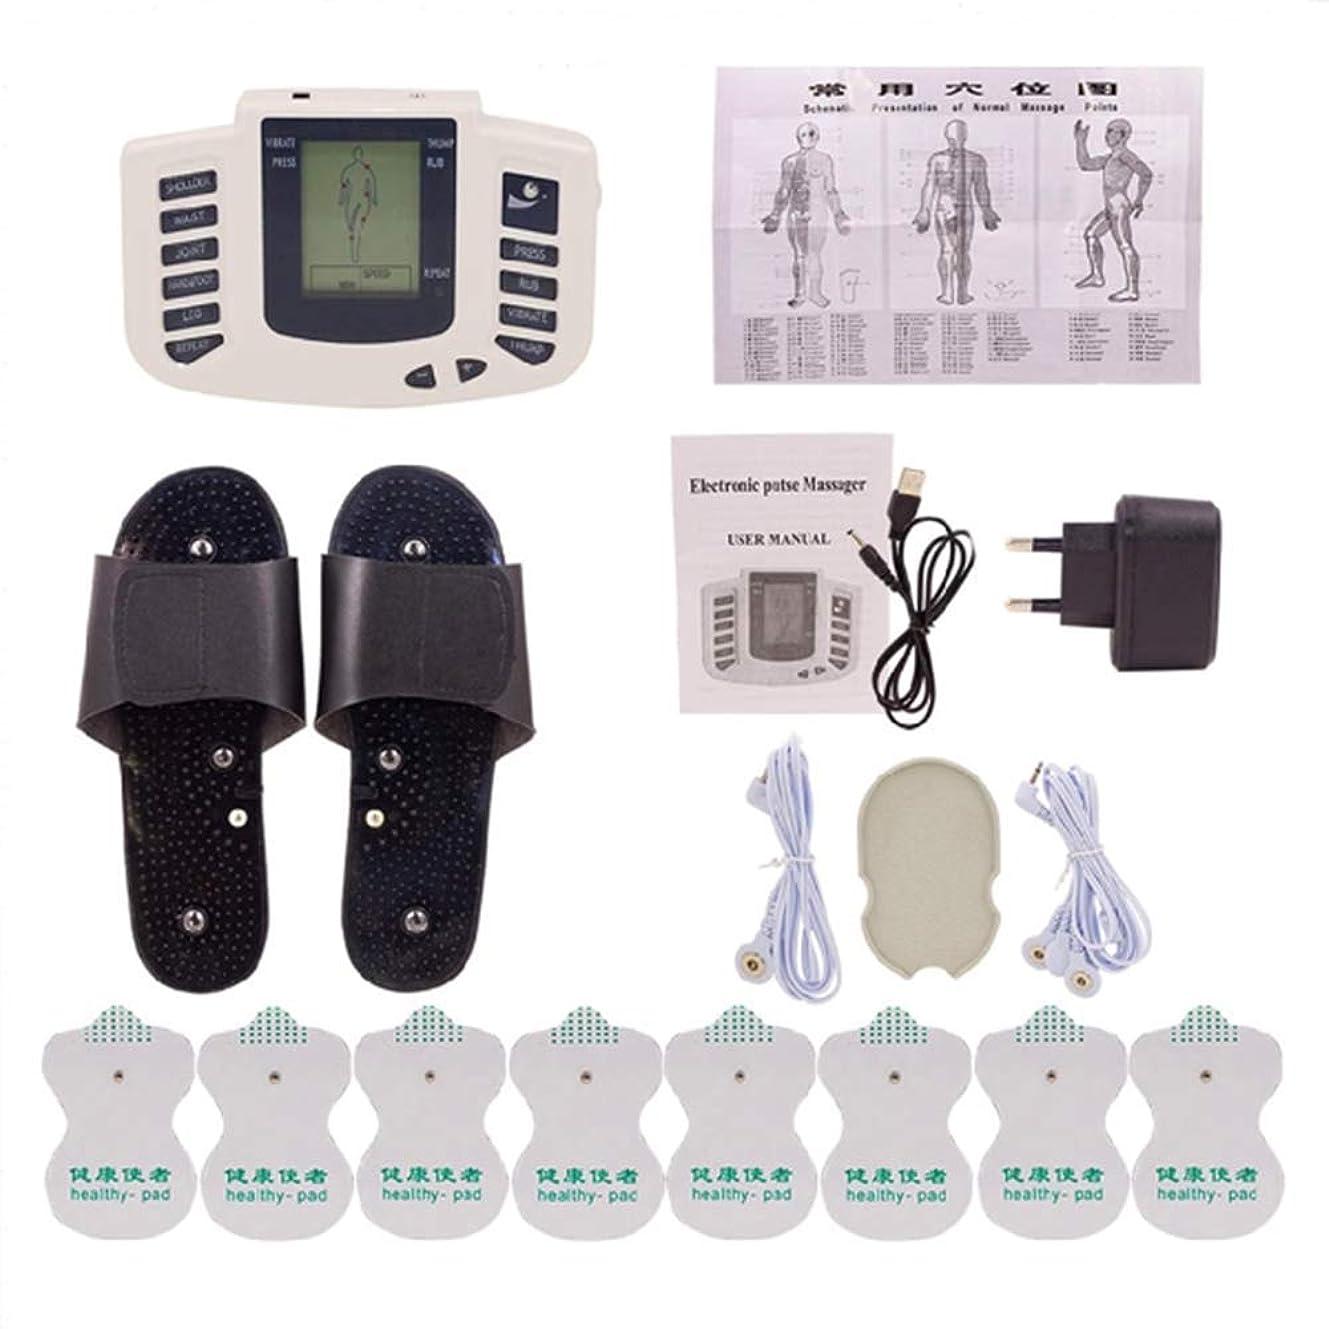 侵略桃位置づけるTENSマッサージャー、マッスル刺激装置、電極パッド付き鍼治療マッサージ痛み緩和と回復のための16個、デュアルチャンネル、デジタル充電式パルス理学療法